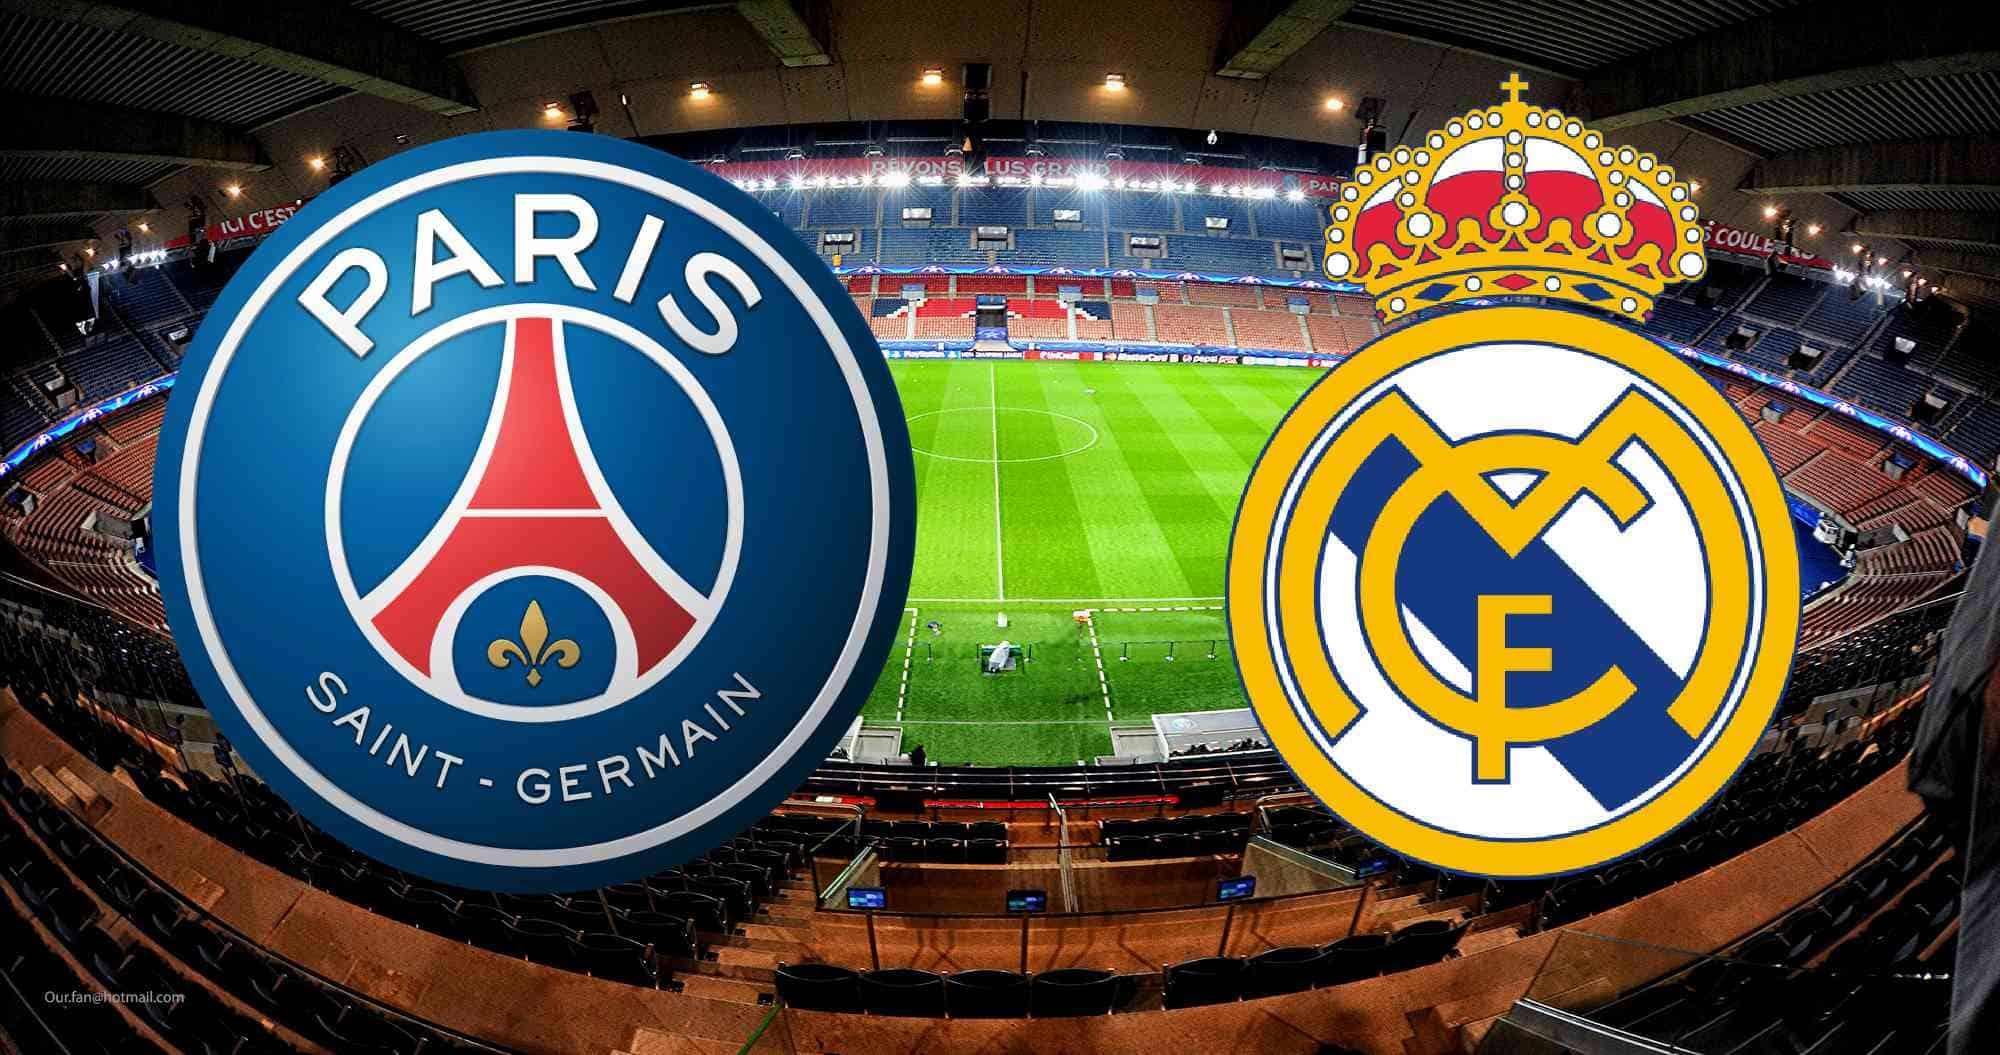 ПСЖ – Реал Мадрид: прогноз матча 18.09.2019